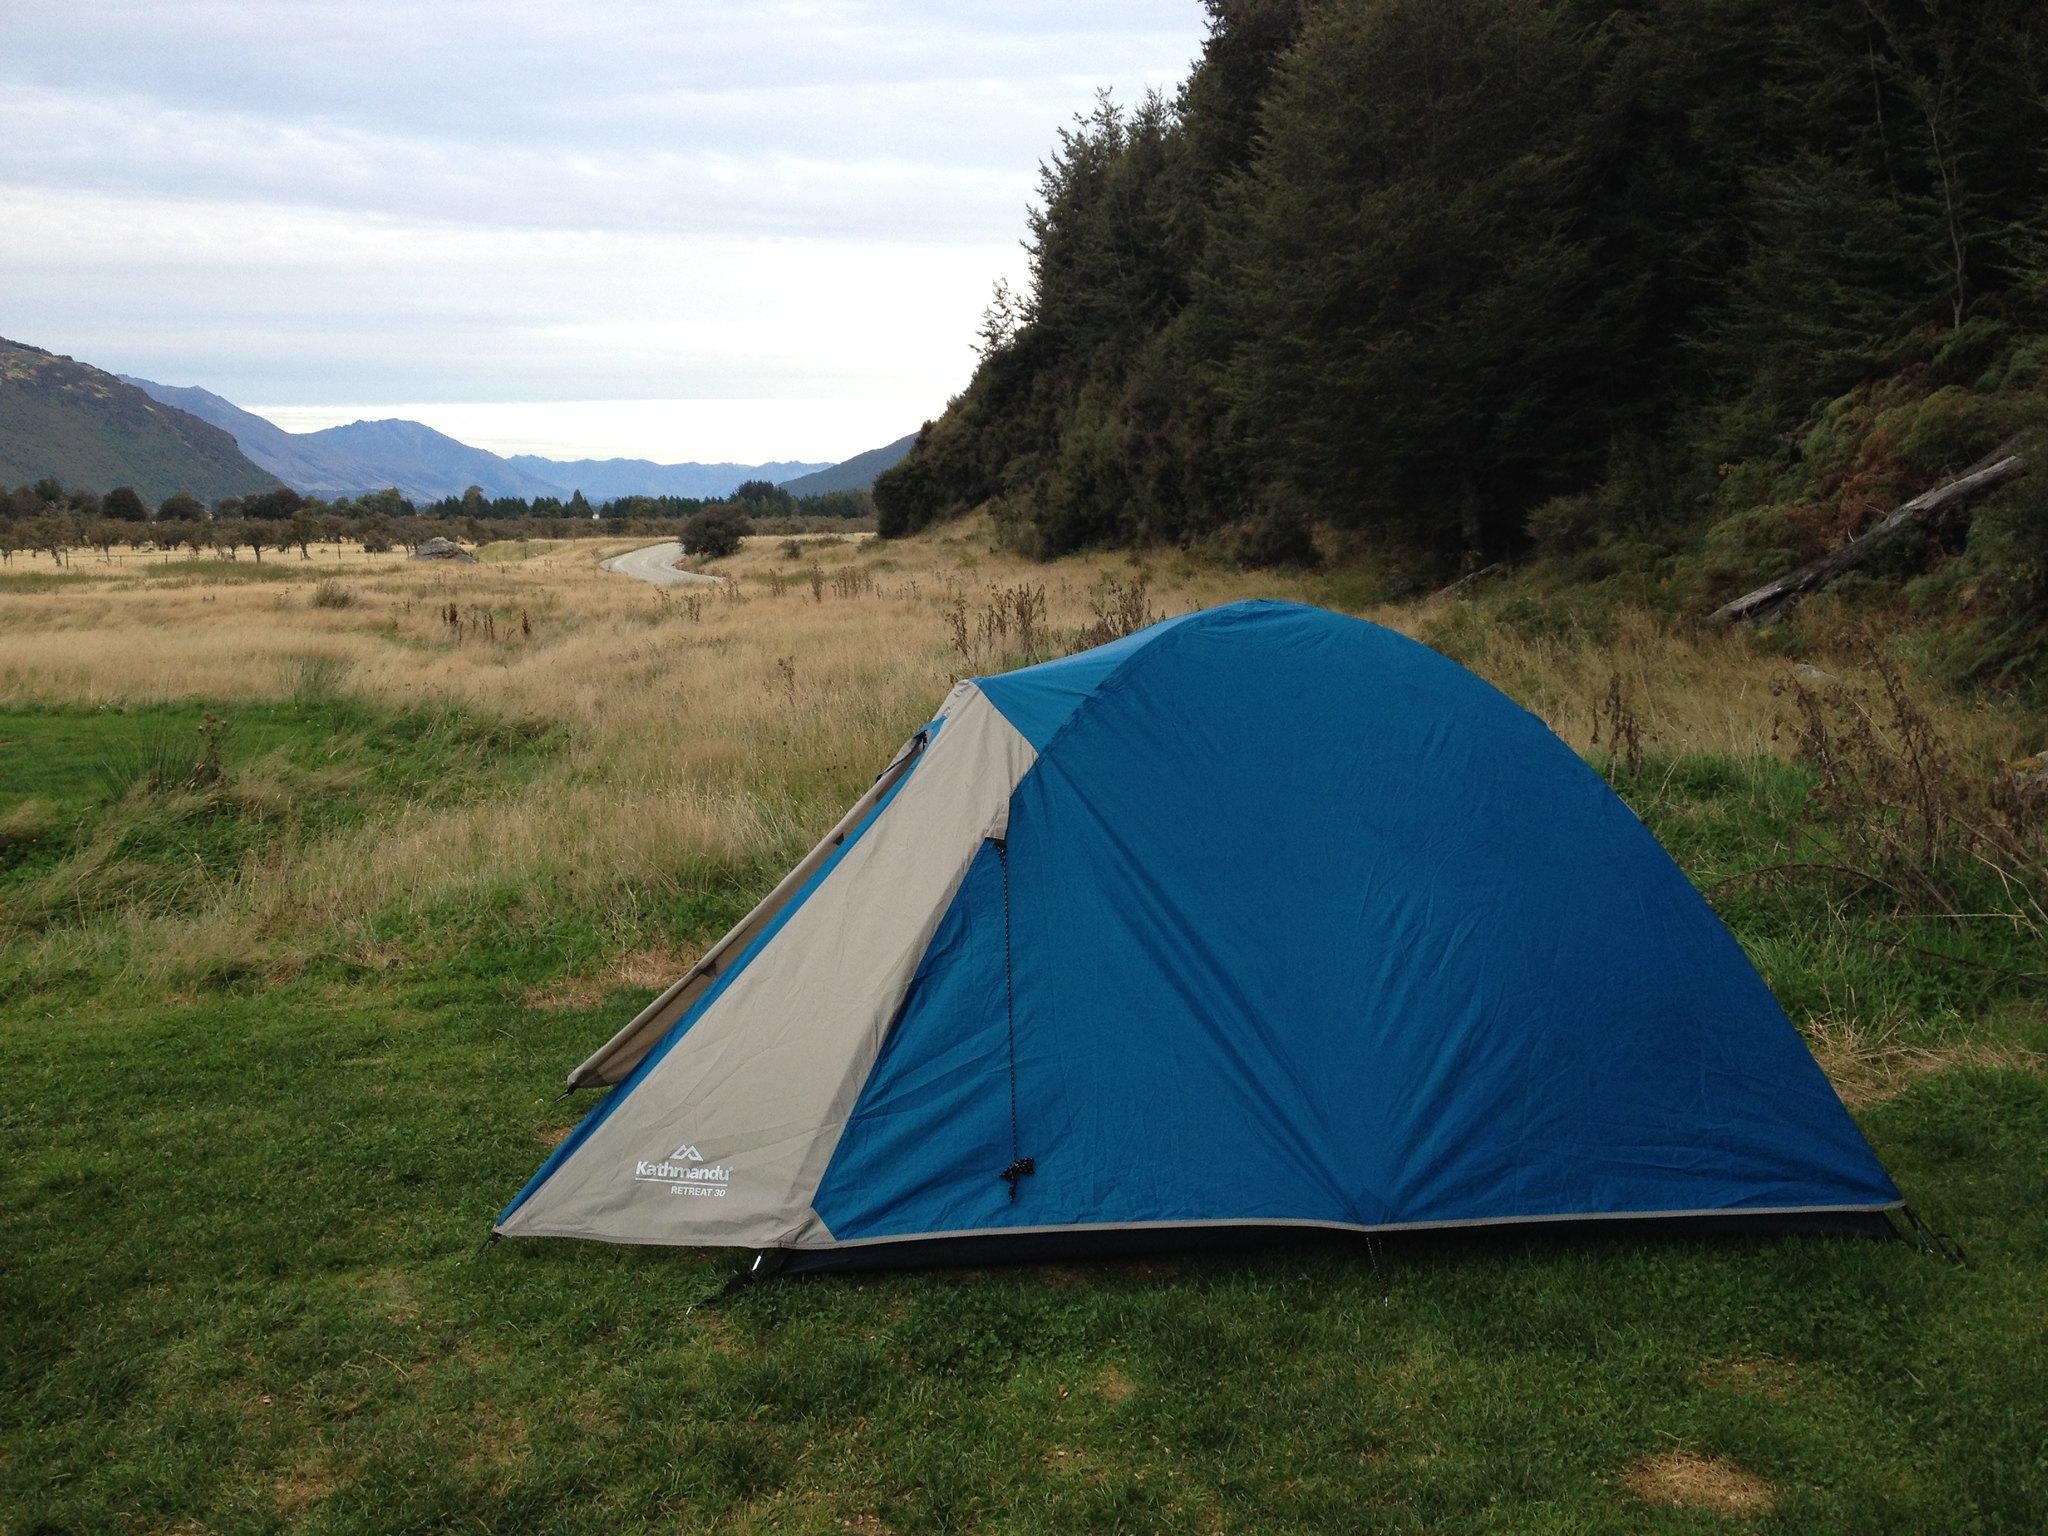 Wee tent